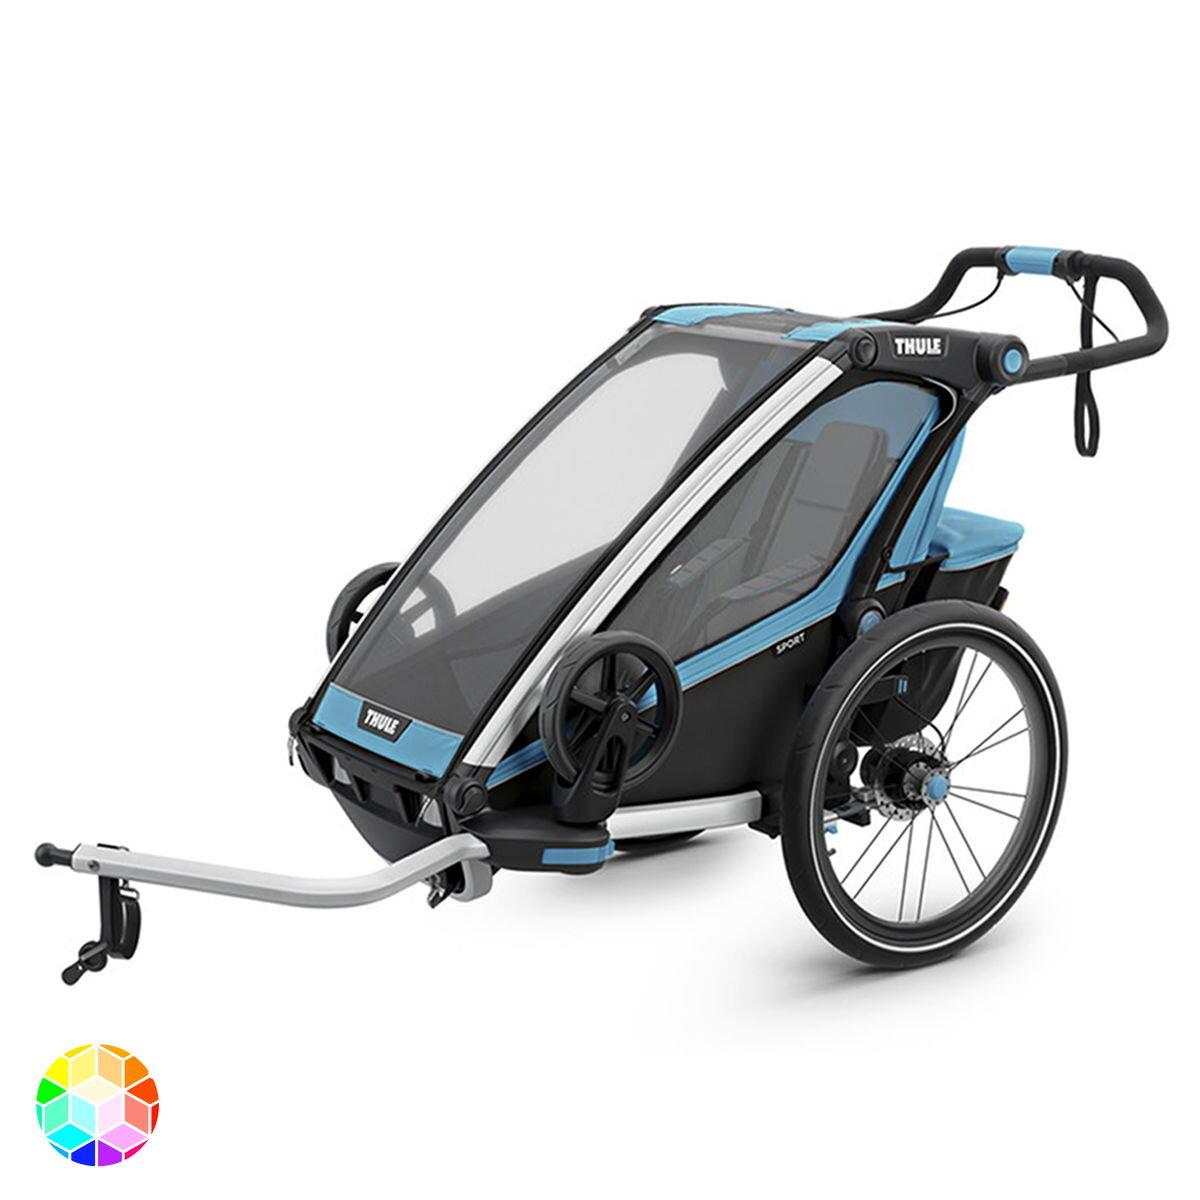 Thule Chariot Sport 1 Fahrradanhänger 2018